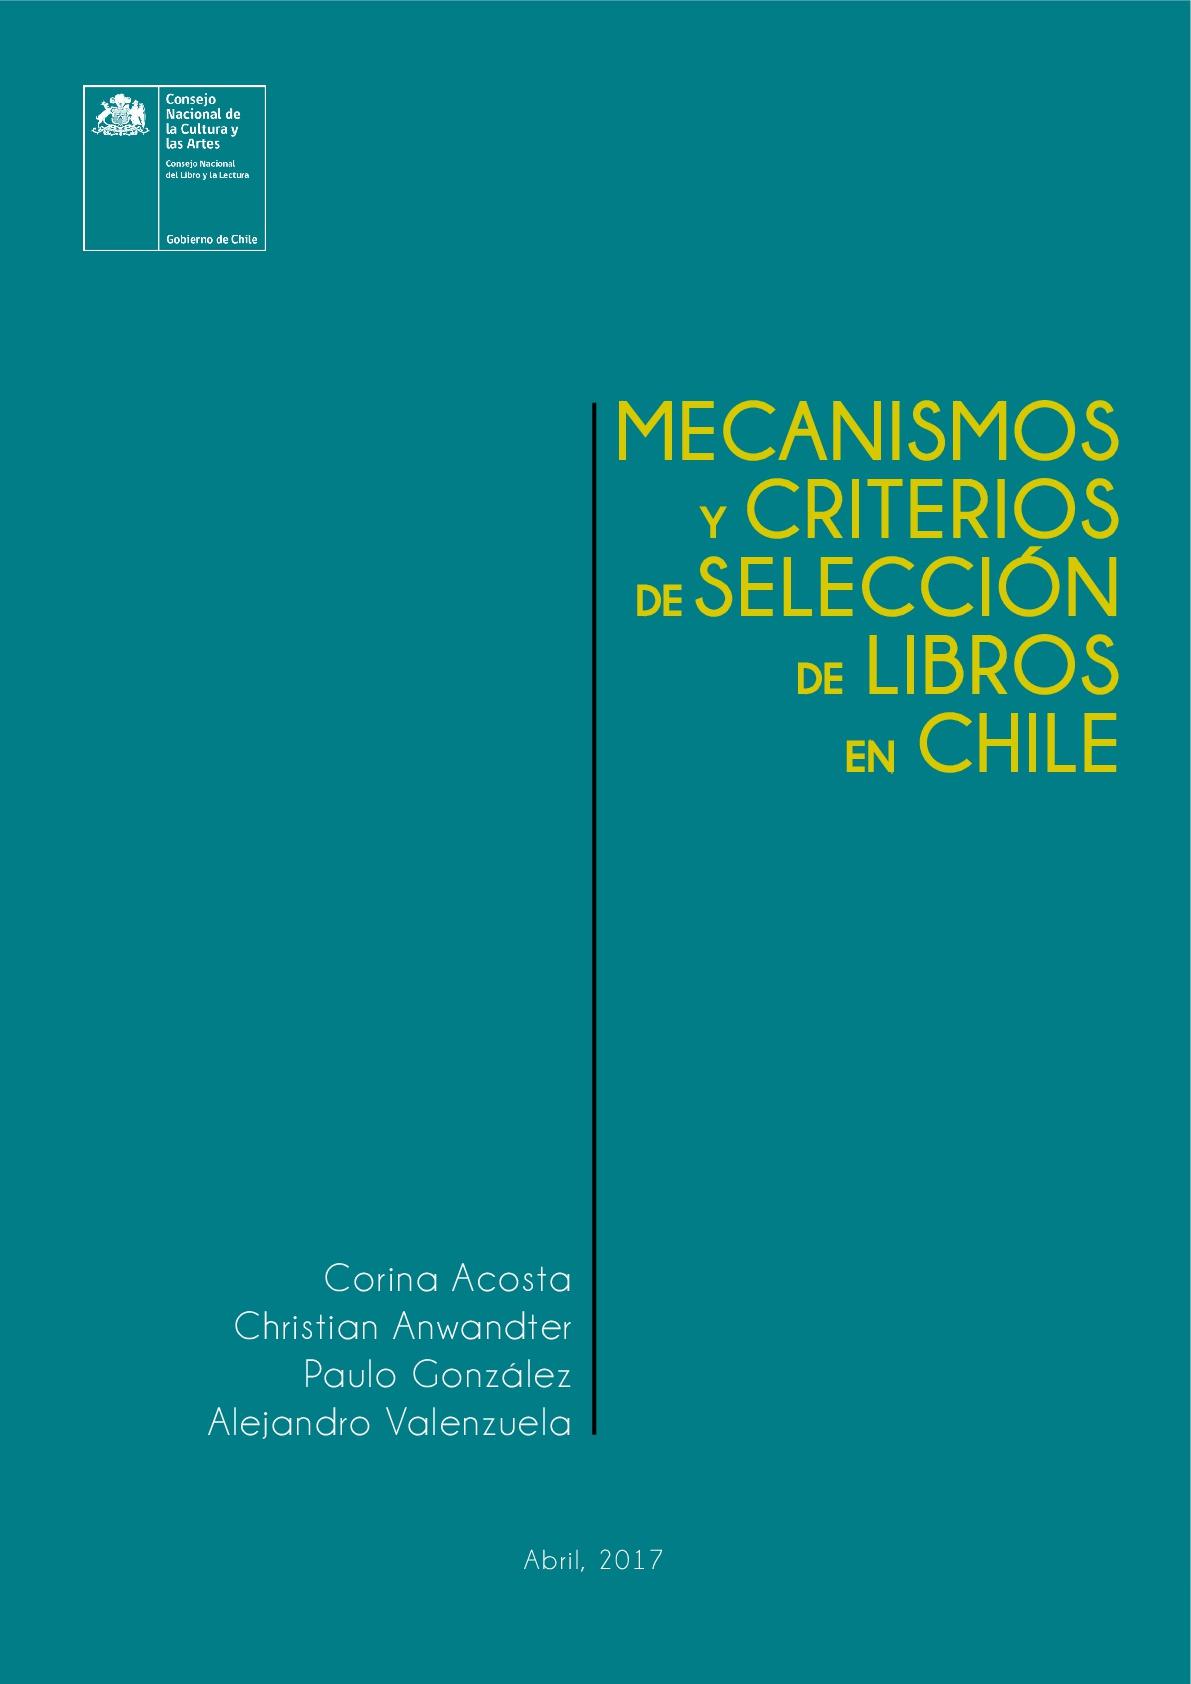 Mecanismos y criterios de selección de libros en Chile